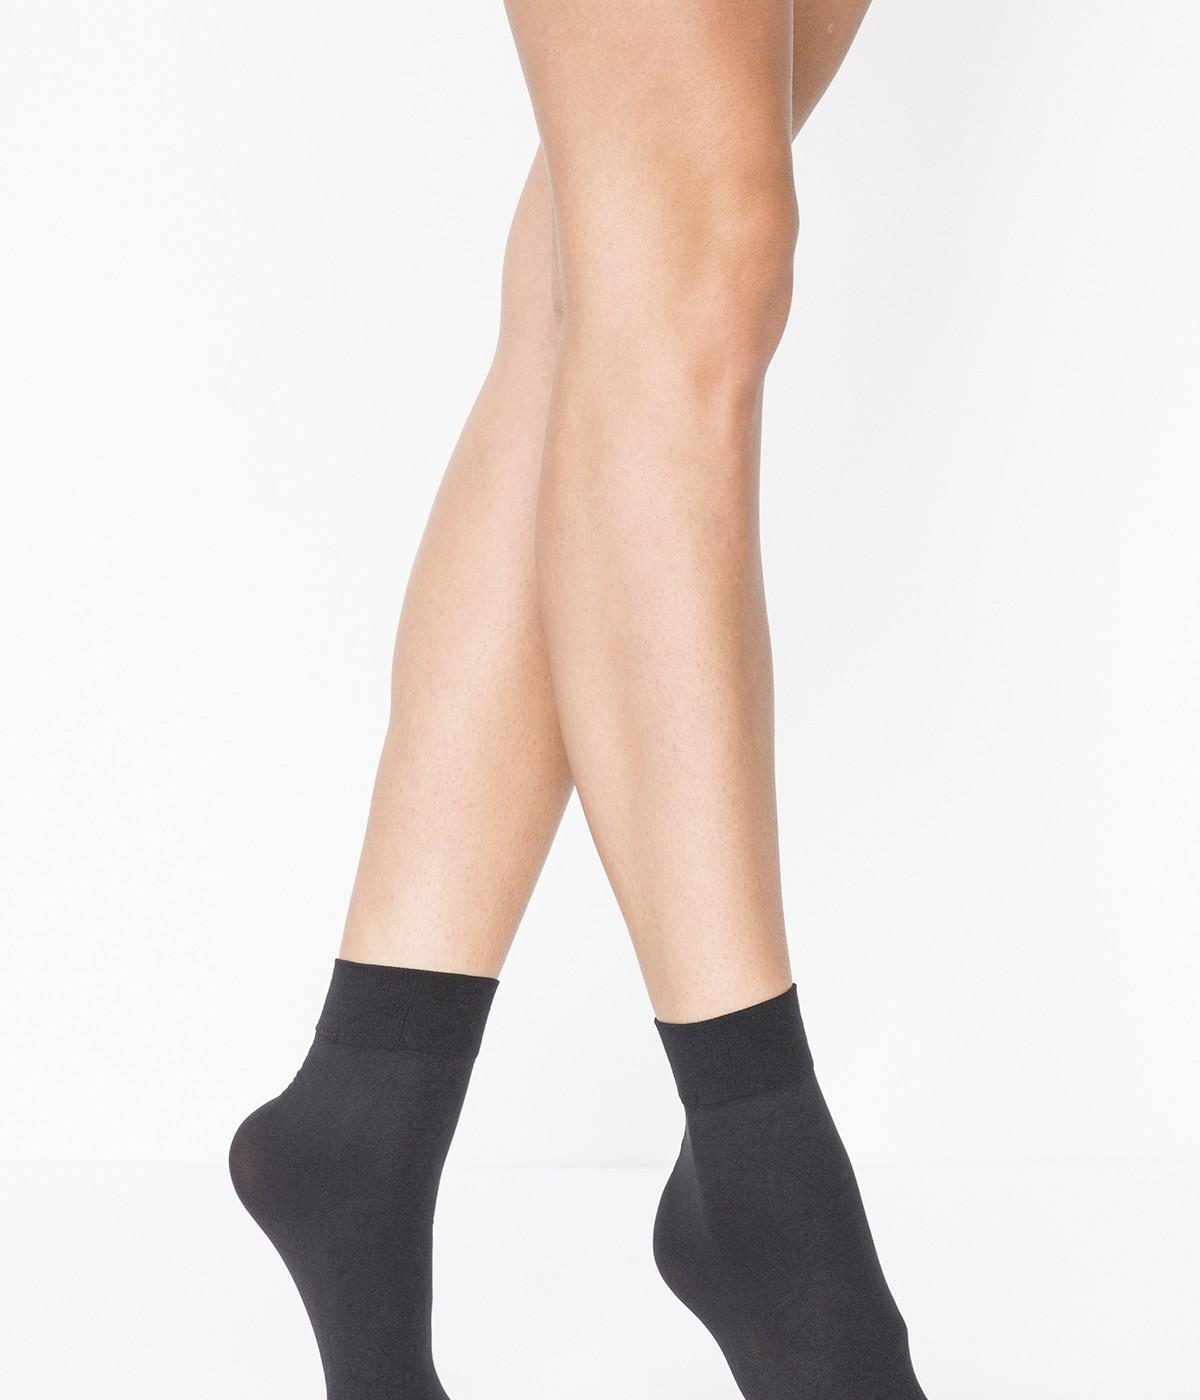 Mikro 40 Socks